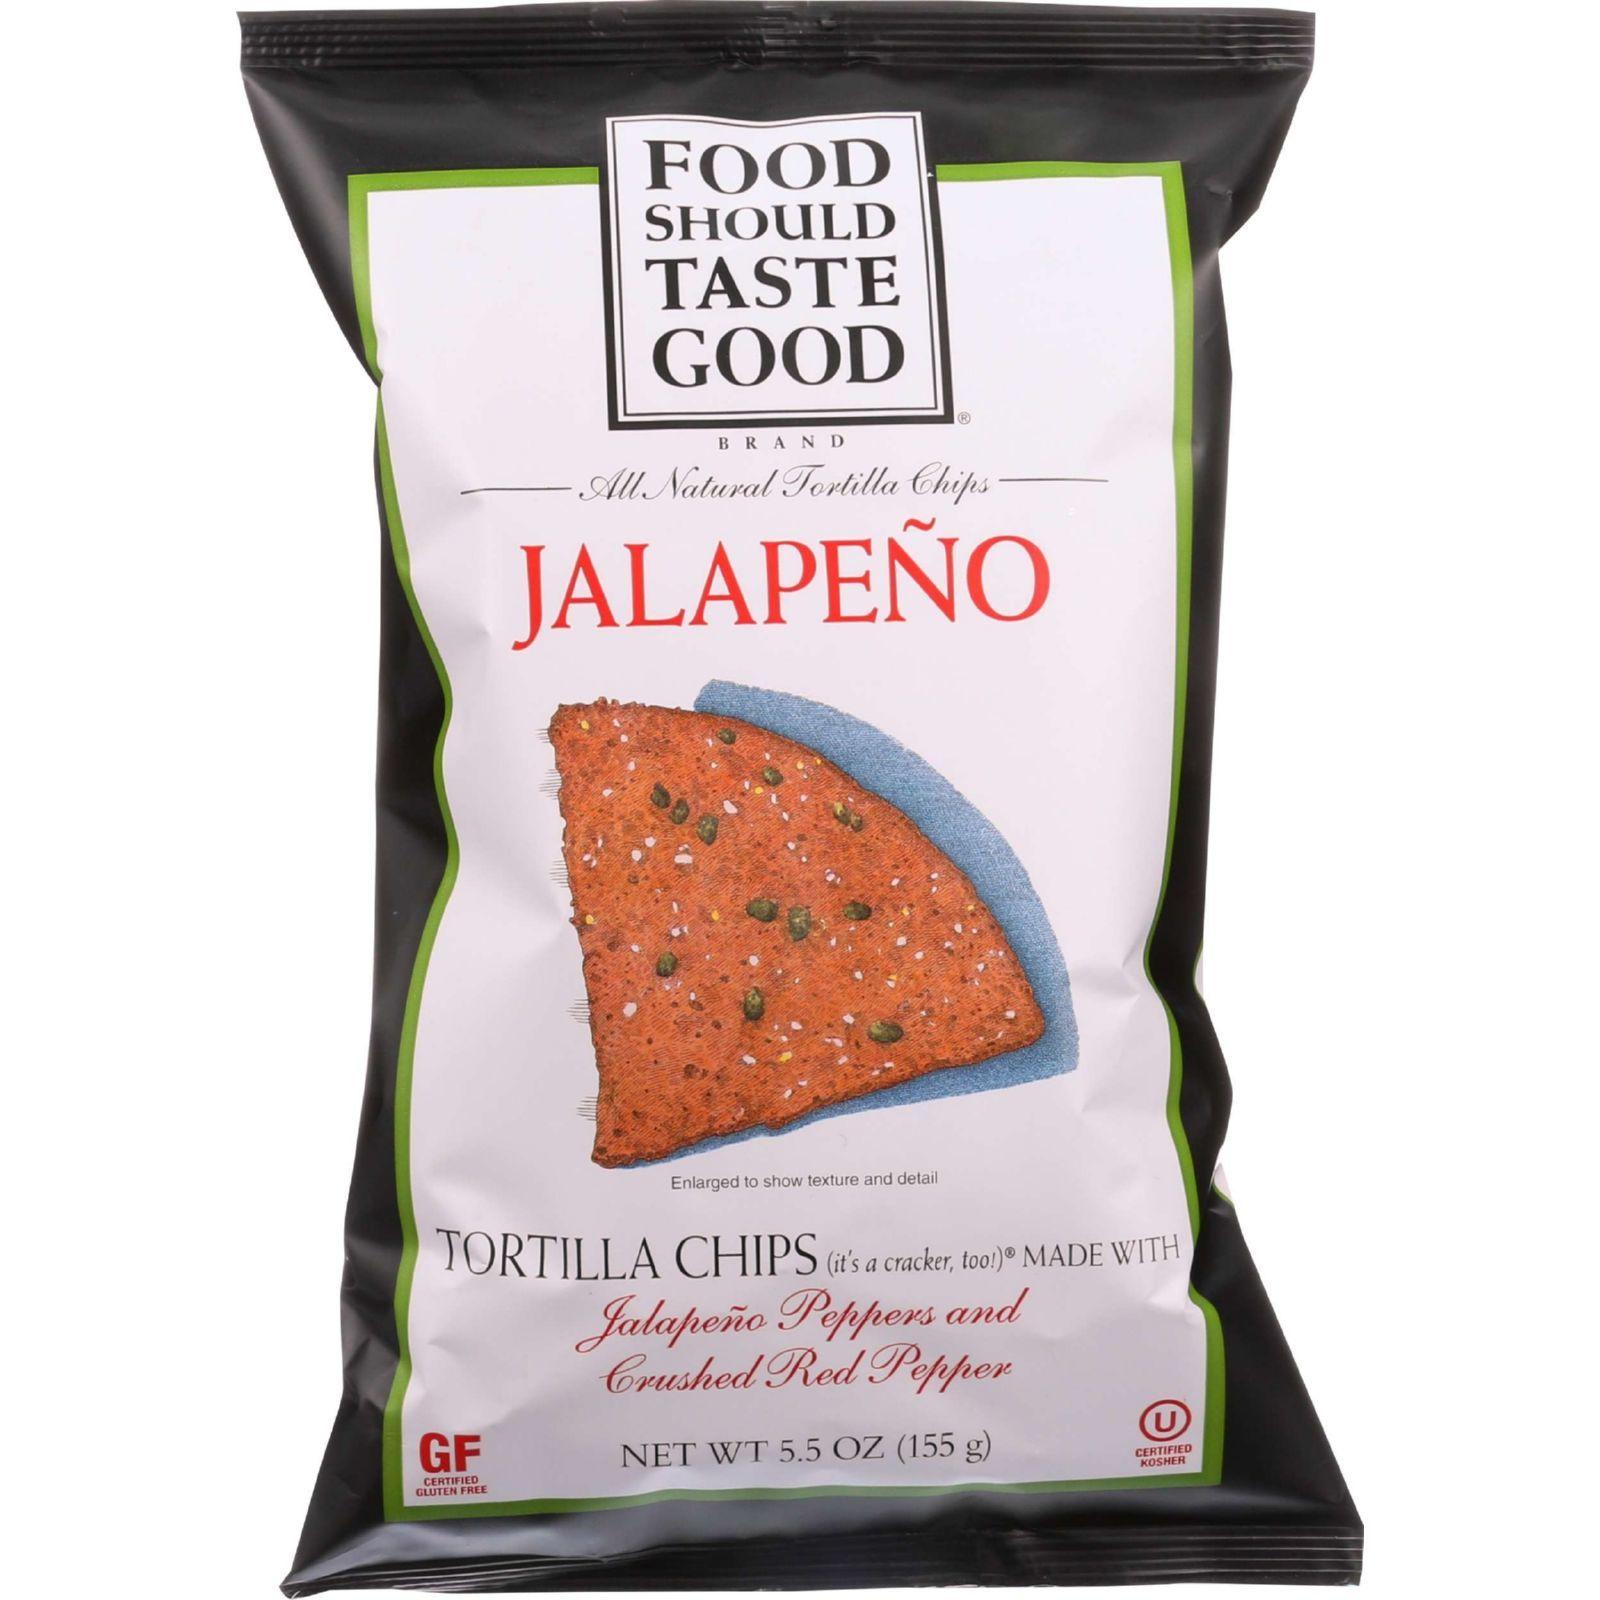 Food Should Taste Good Tortilla Chips - Jalapeno - 5.5 oz - case of 12